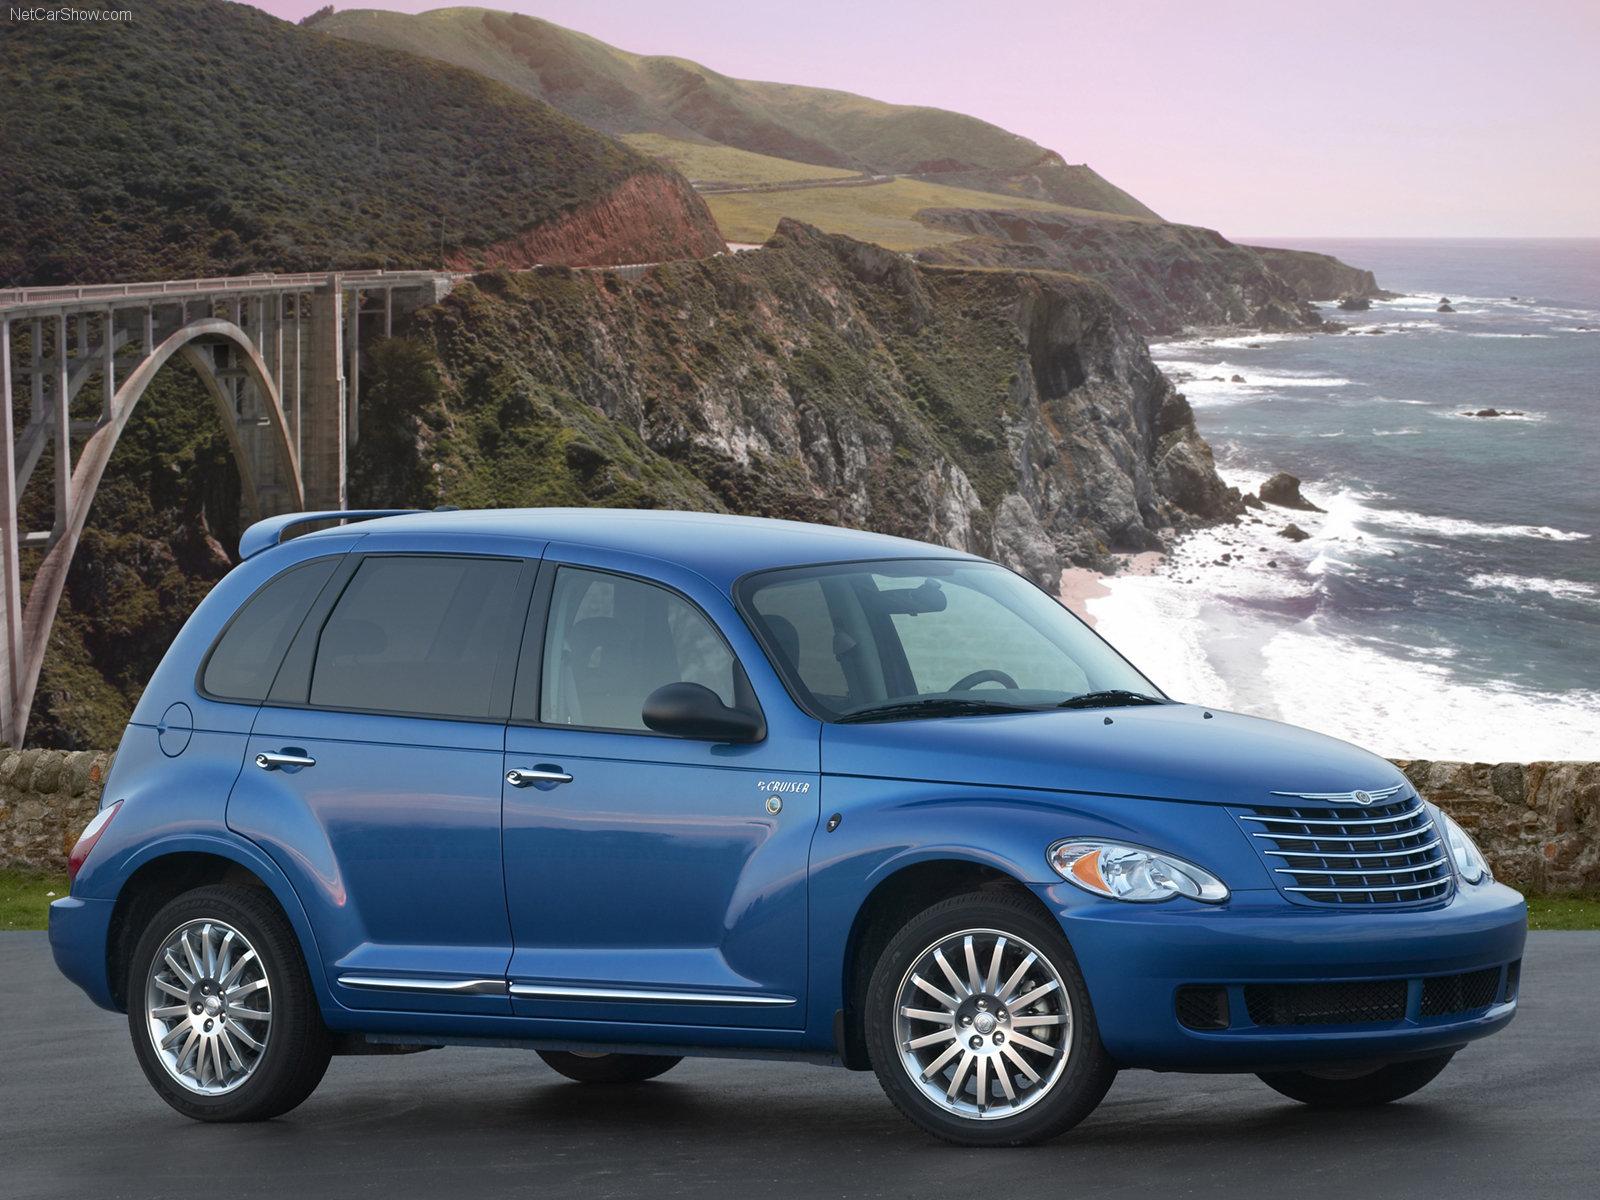 Hình ảnh xe ô tô Chrysler PT Street Cruiser Pacific Coast Highway 2007 & nội ngoại thất